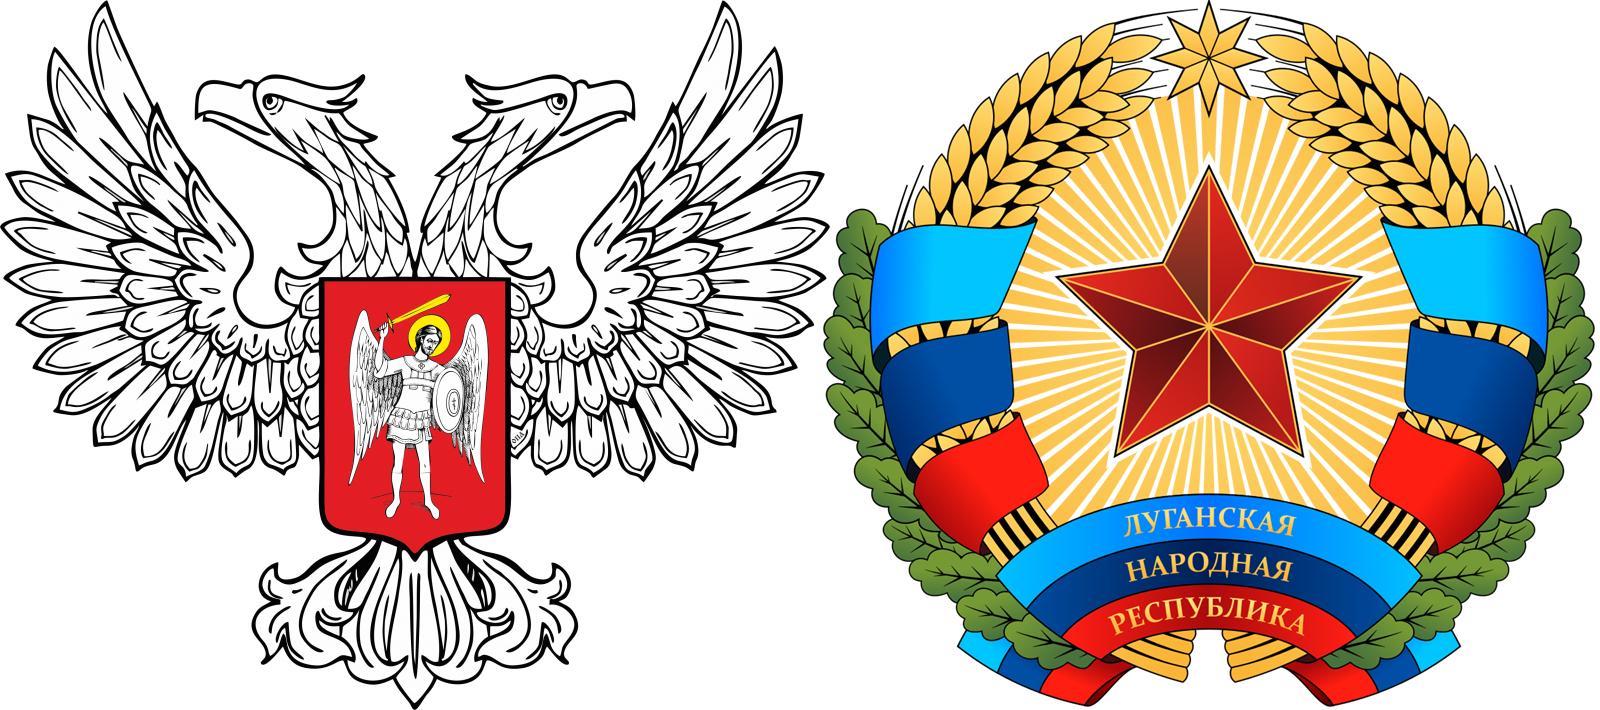 """Гербы """"ДНР"""" и """"ЛНР"""""""